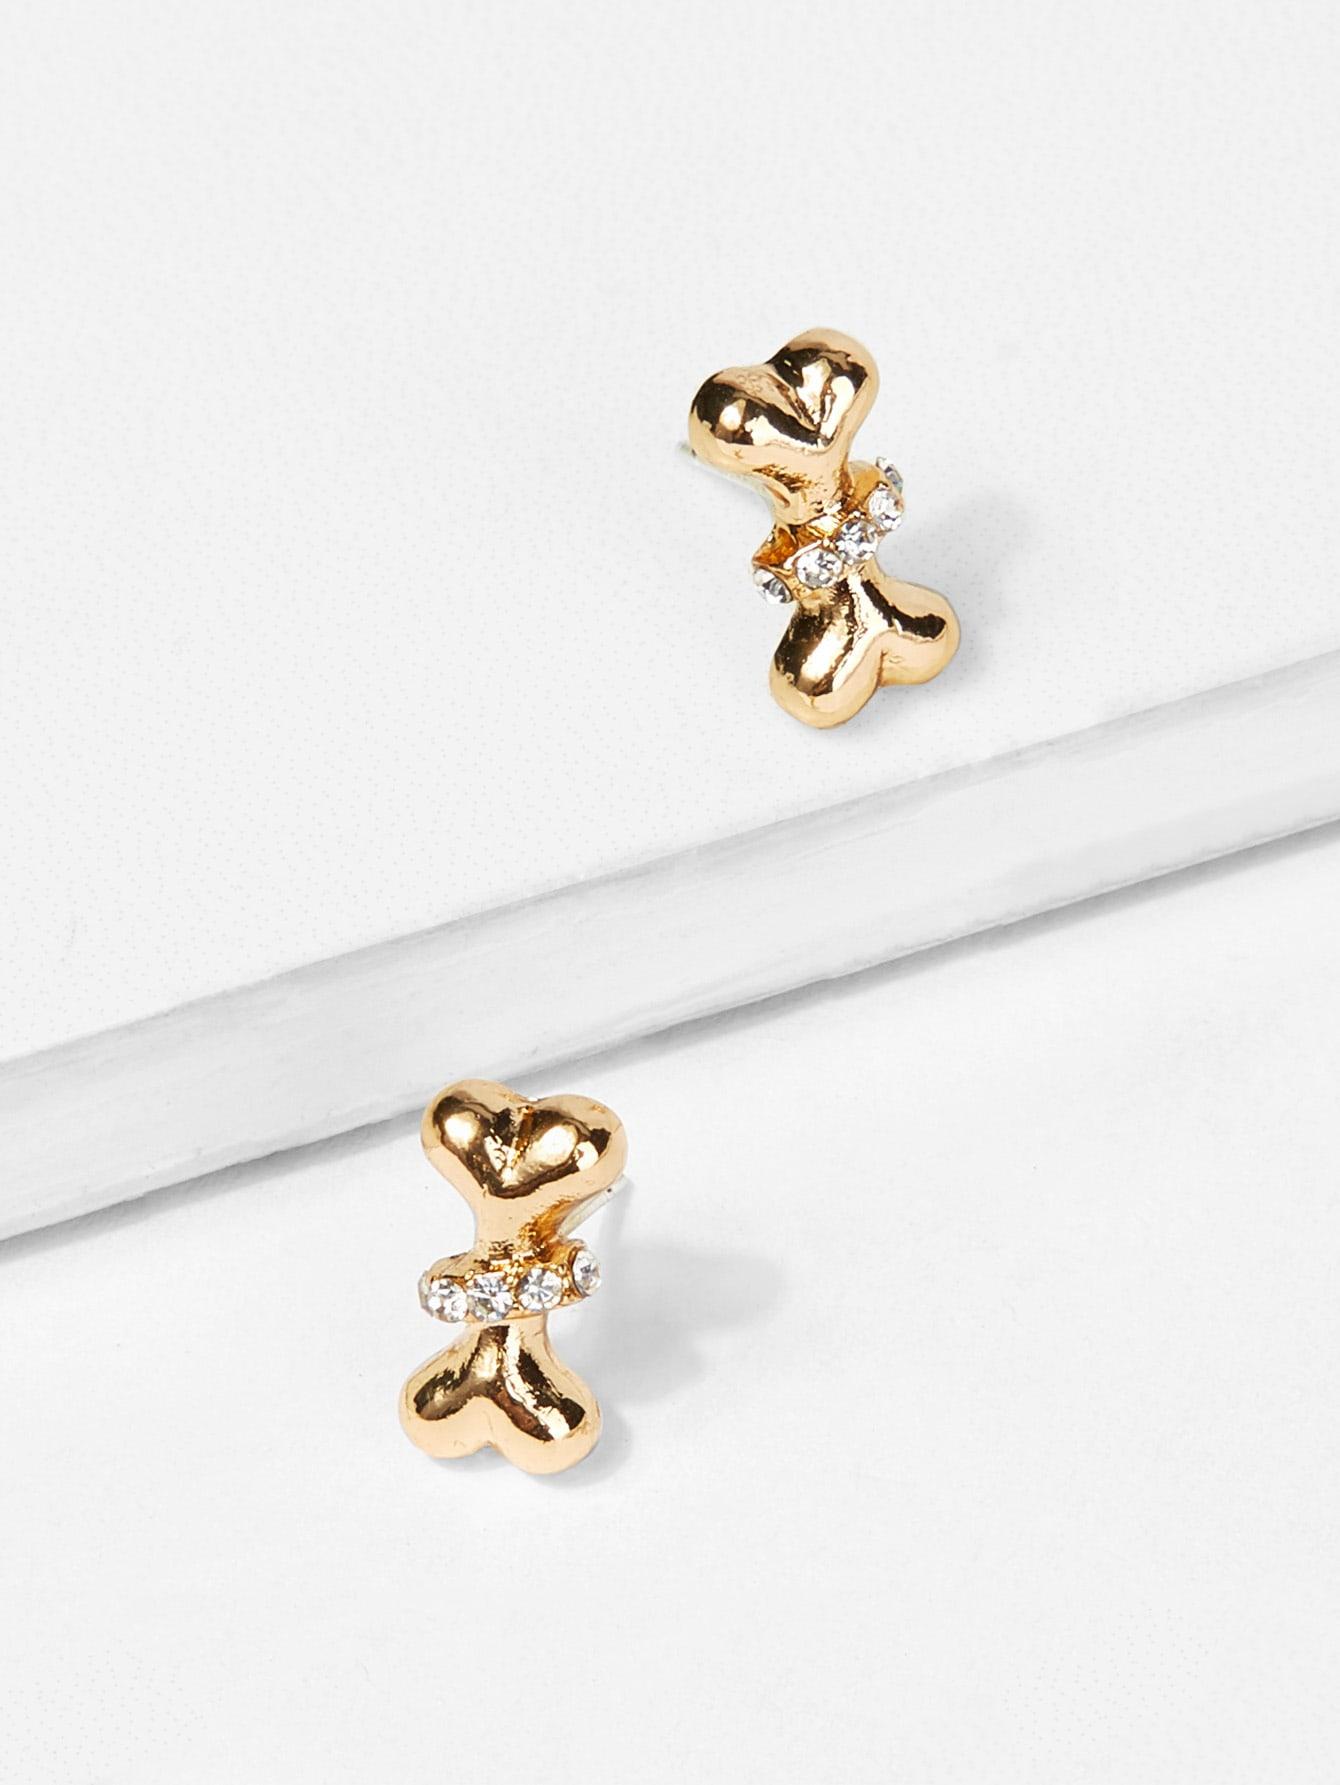 Bone Shaped Stud Earrings waterdrop shaped stud earrings